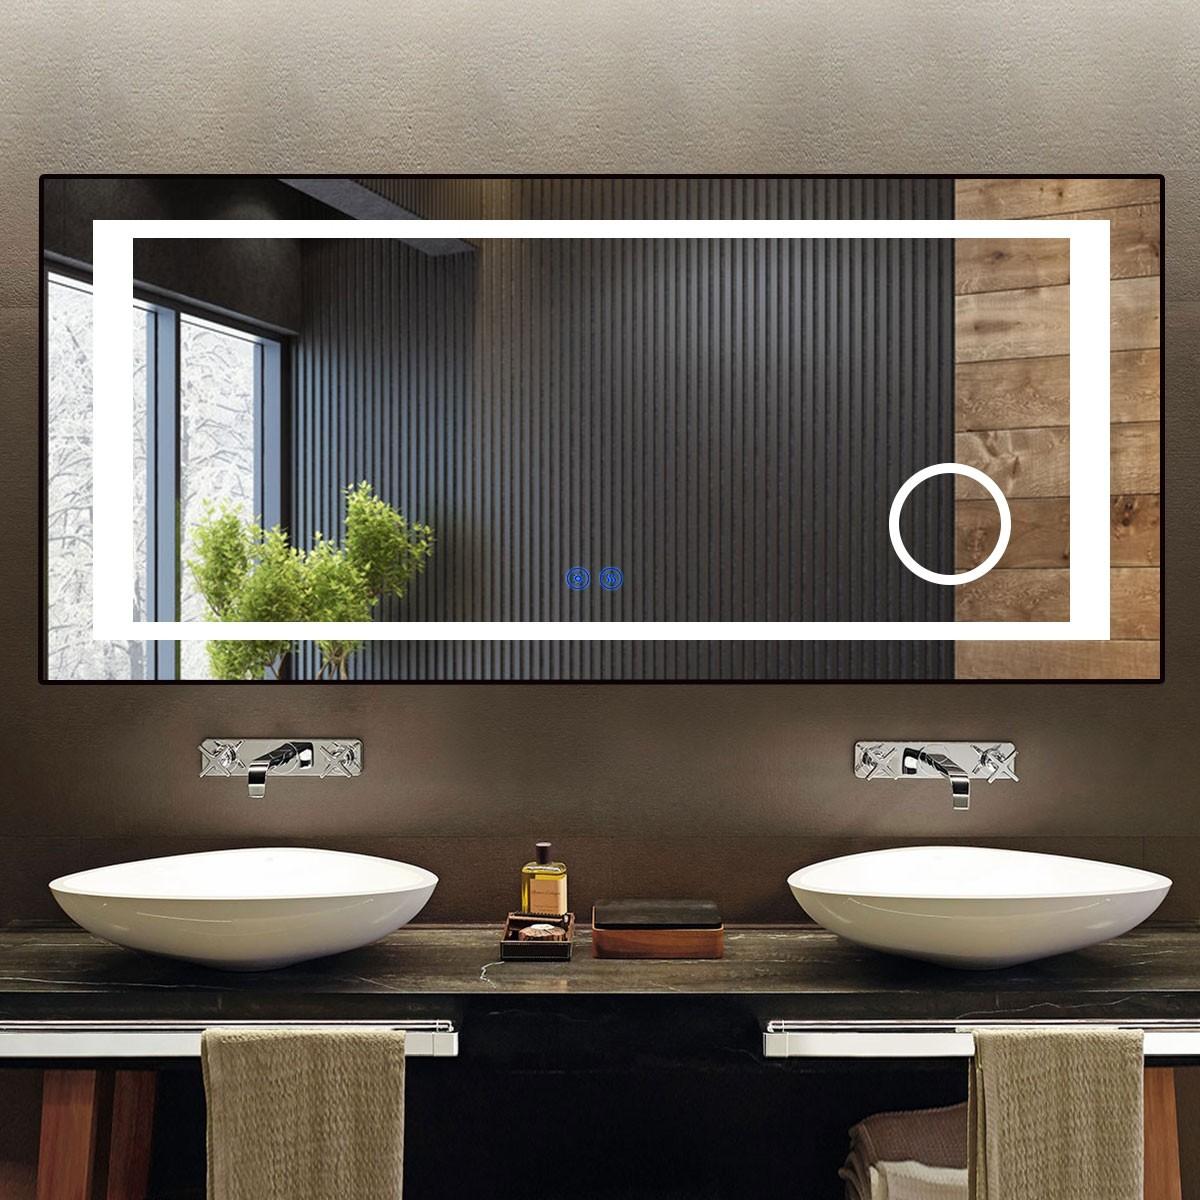 DECORAPORT 70 x 32 Po Miroir de Salle de Bain LED/Miroir Chambre avec Bouton Tactile, Loupe, Anti-Buée, Luminosité Réglable, Montage Vertical & Horizontal (KT02-7032)